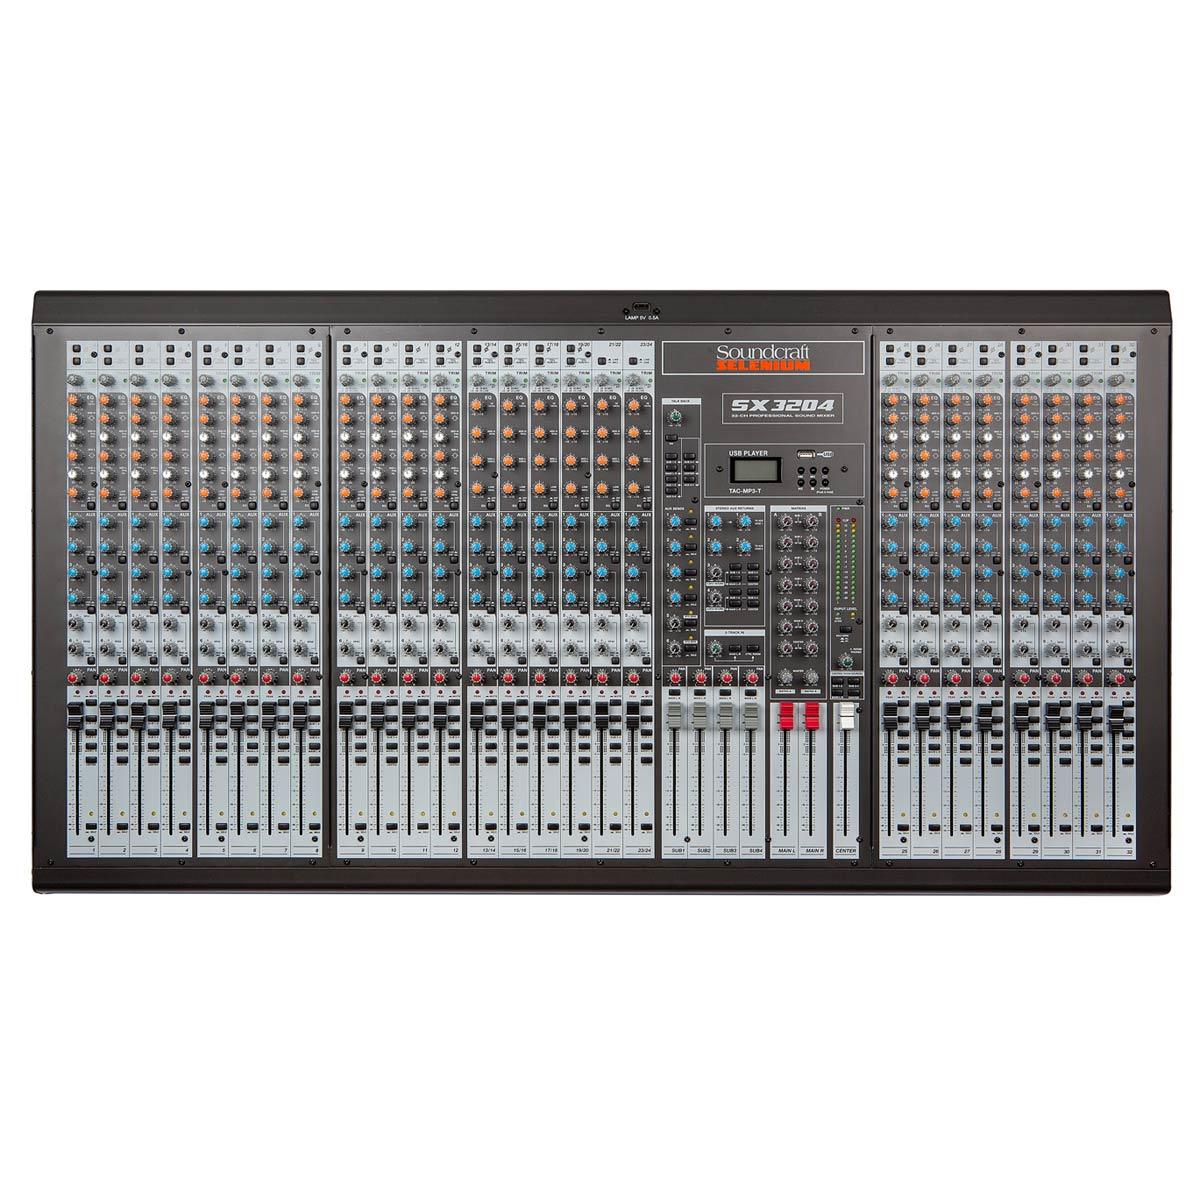 SX3204 - Mesa de Som / Mixer 32 Canais SX 3204 - Soundcraft